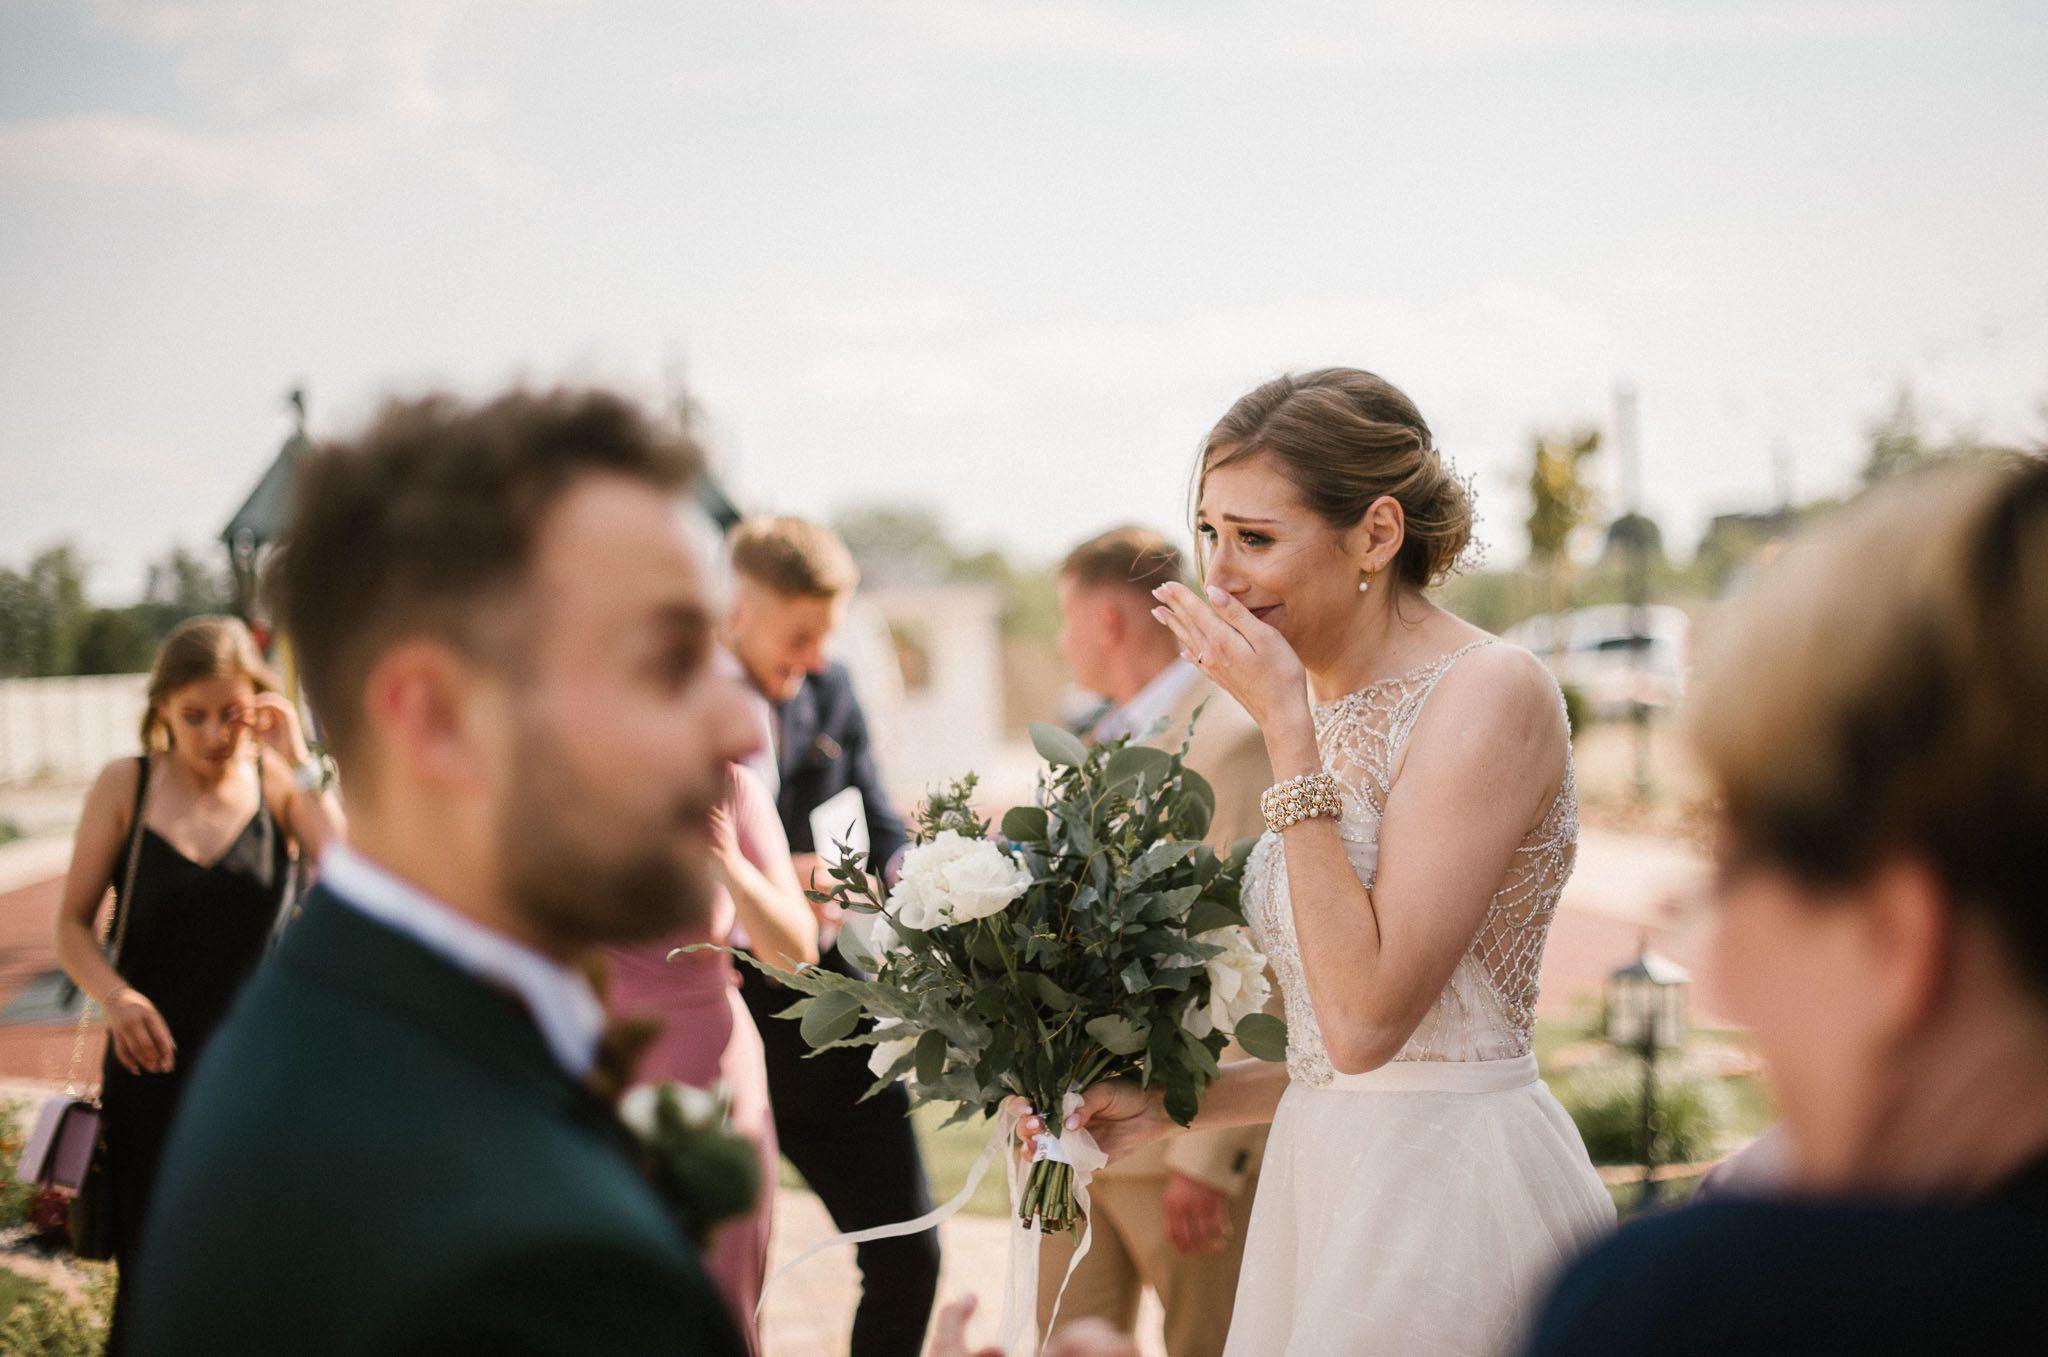 Panna młoda się wzruszyła -  ślub w Stodole Bojanowo